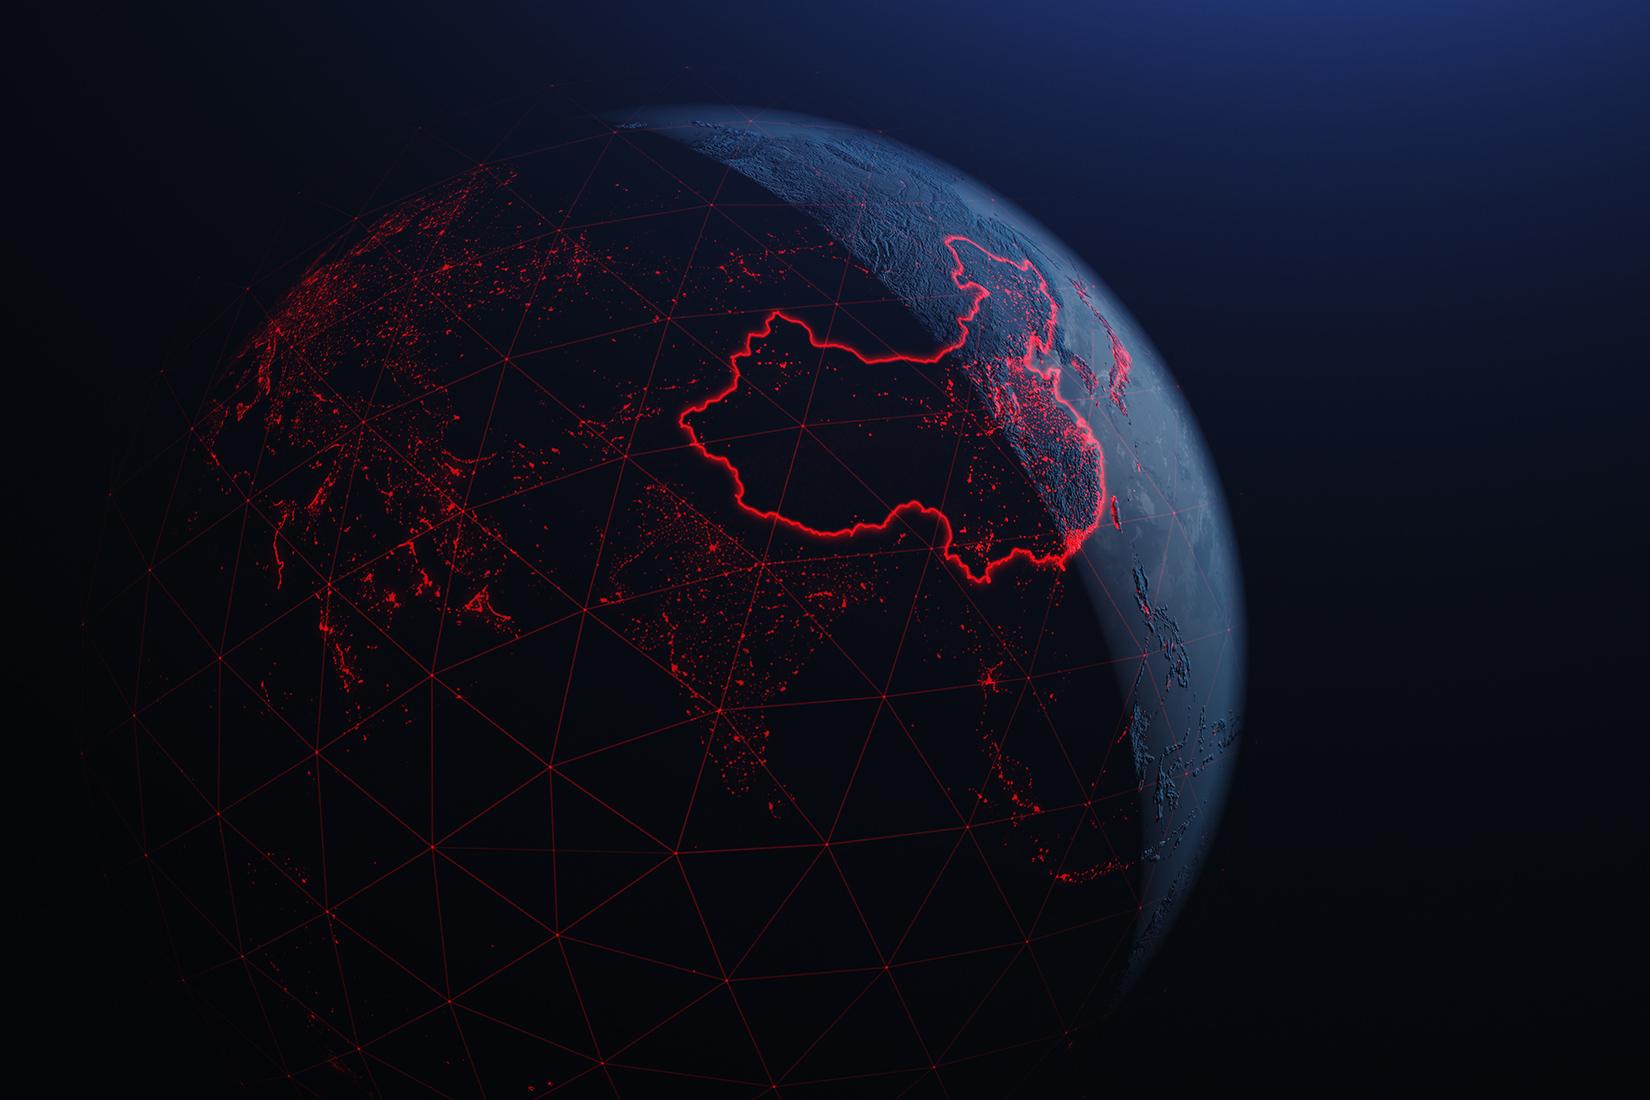 新型コロナ感染拡大の中国の海洋安全保障政策への影響―尖閣諸島周辺での中国公船の活動から考える―